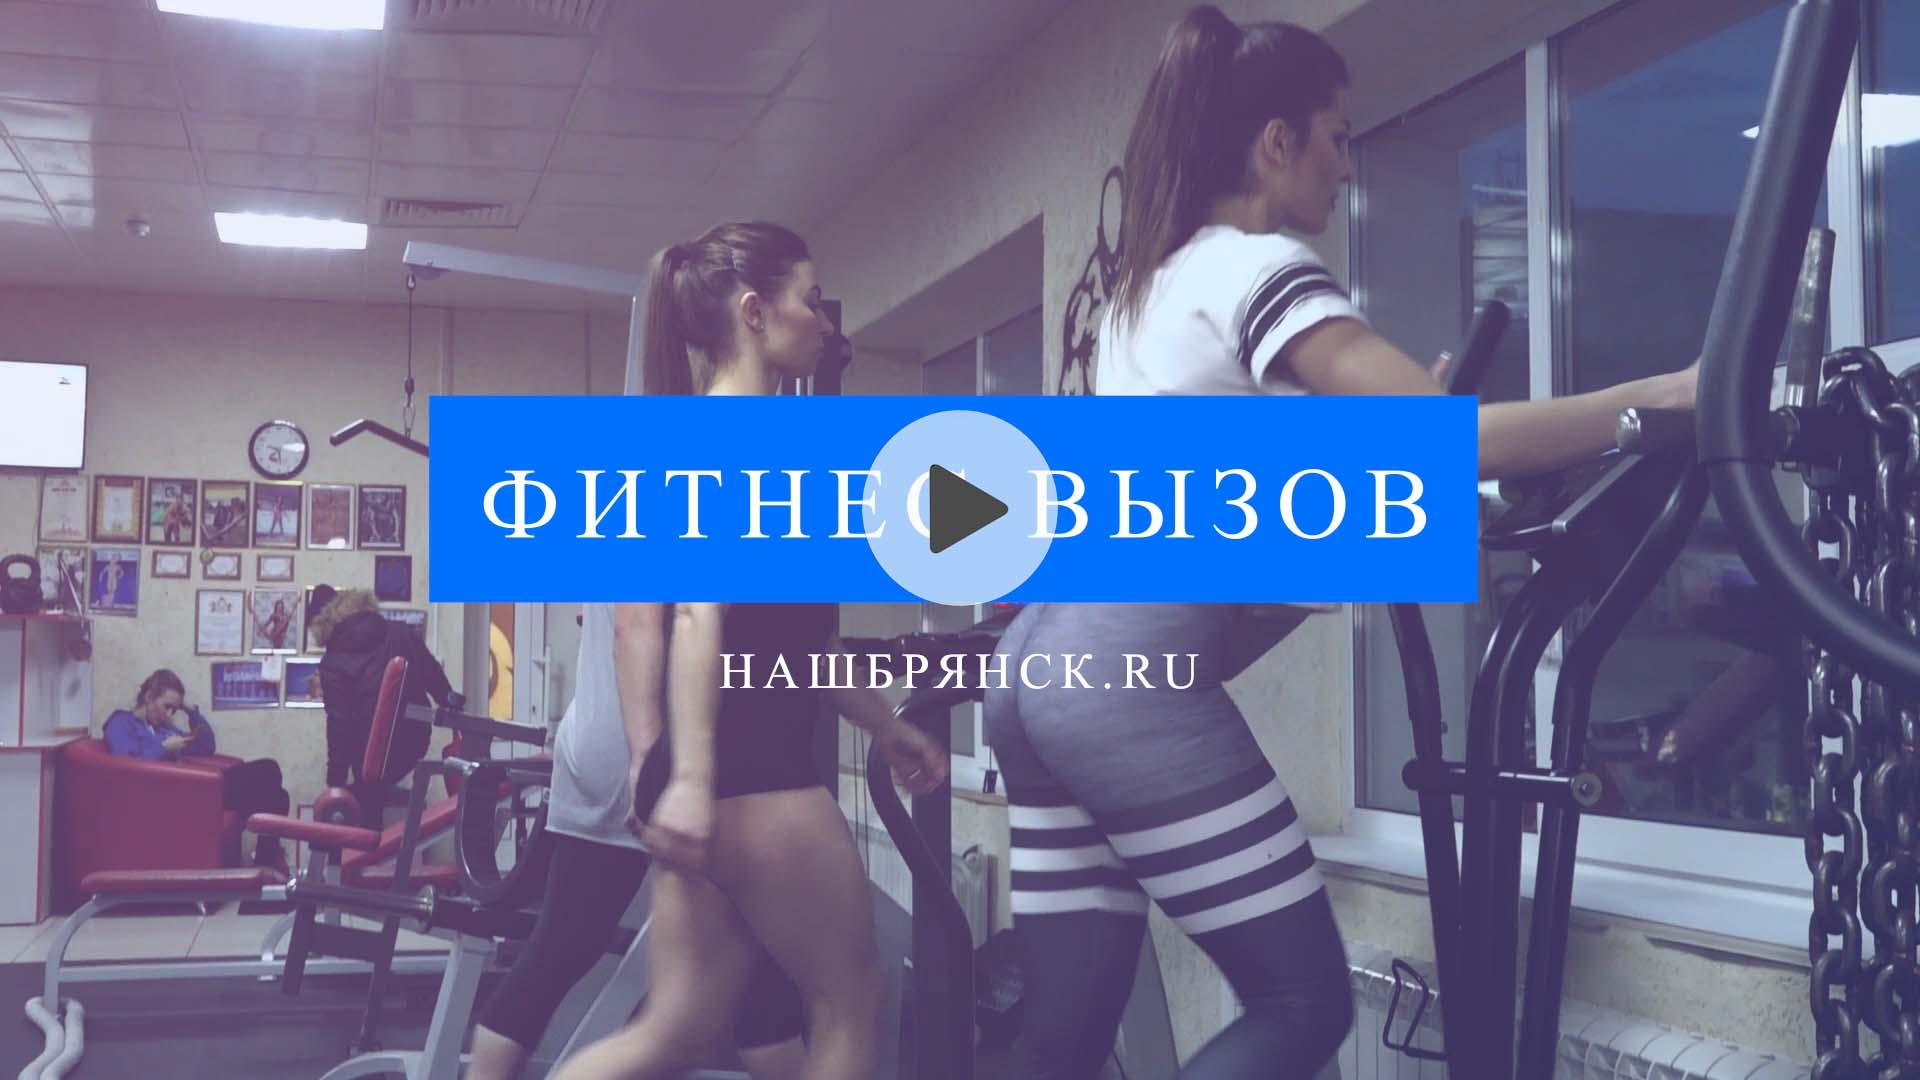 Видео-анонс проекта